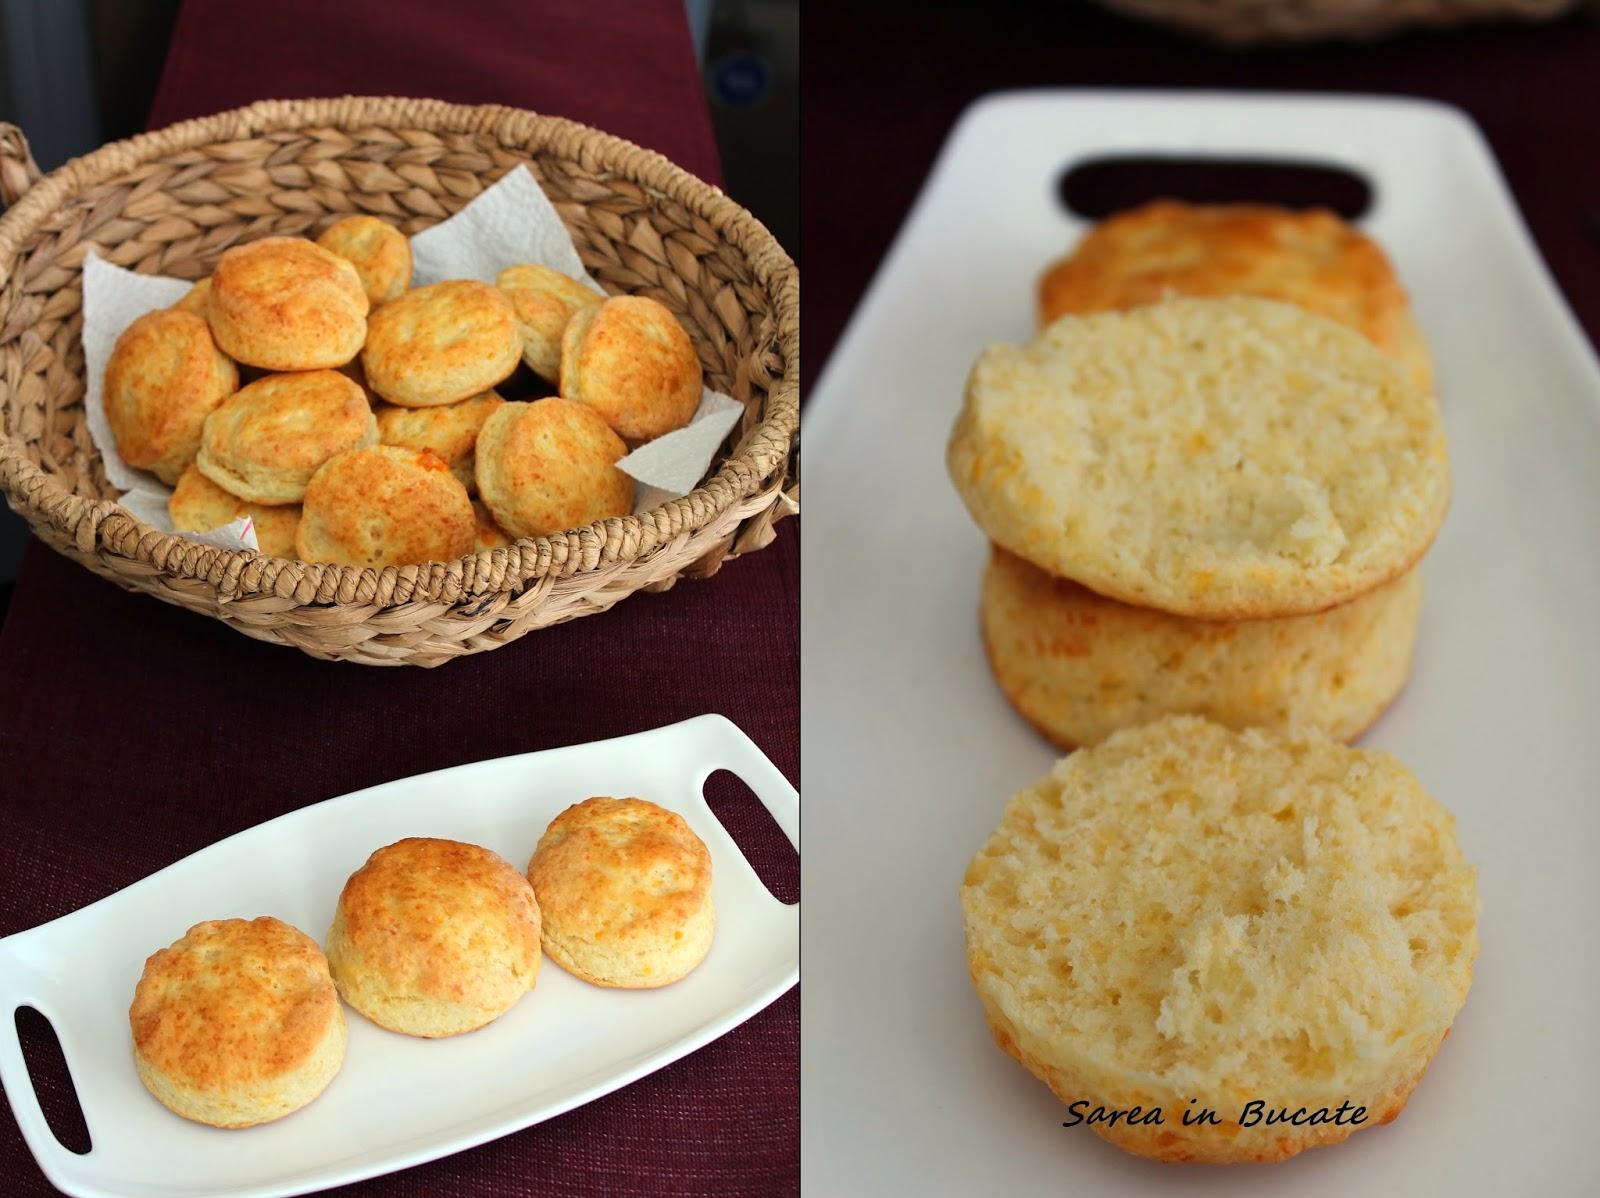 biscuiti englezesti cu cascaval cheddar/ cheddar cheese scones